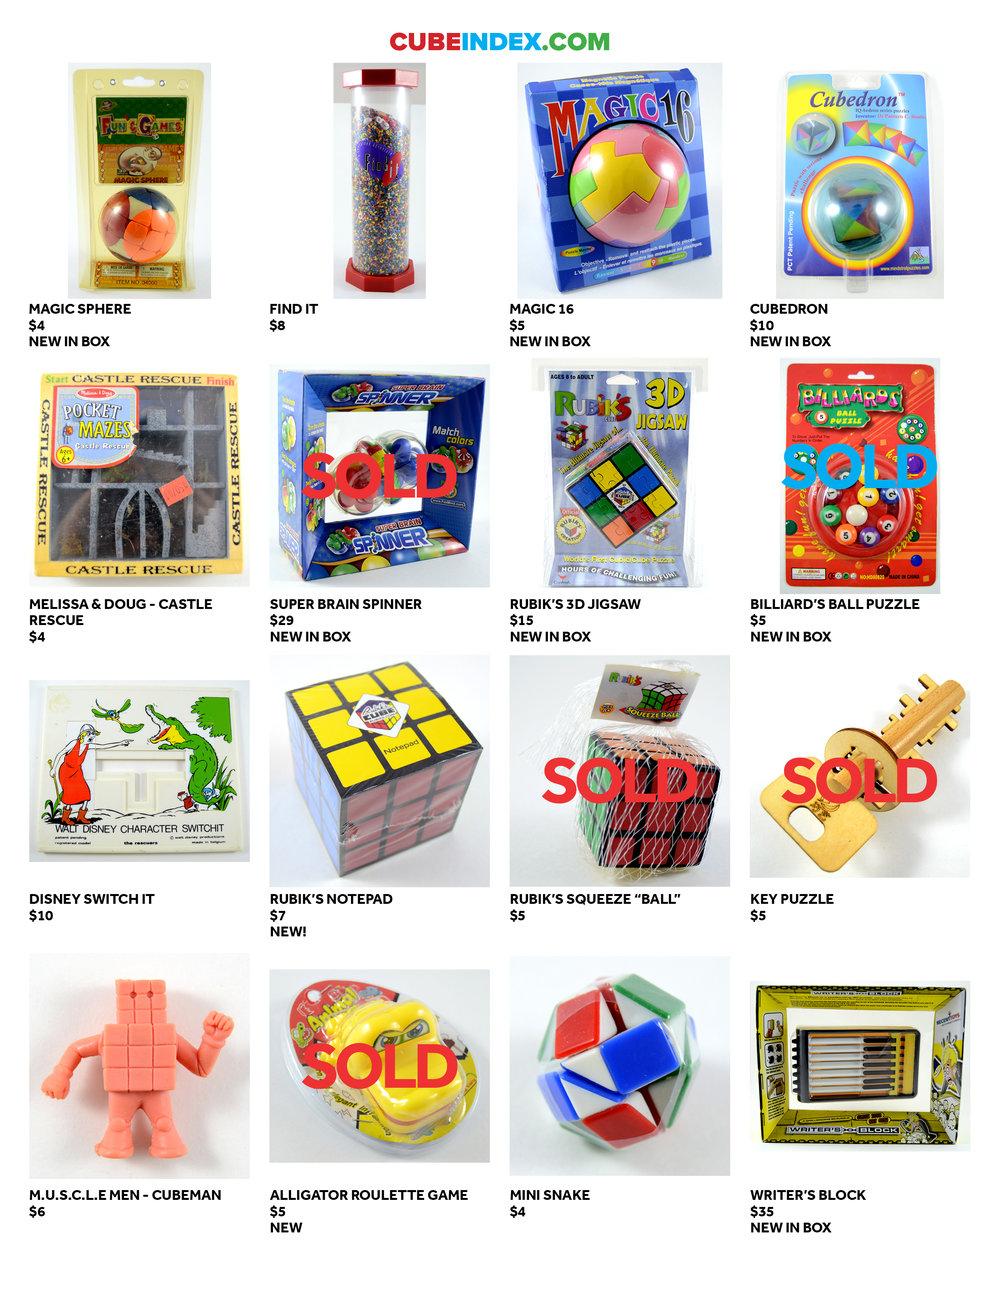 cube-index-for-sale-catalog-april-2017-v519.jpg